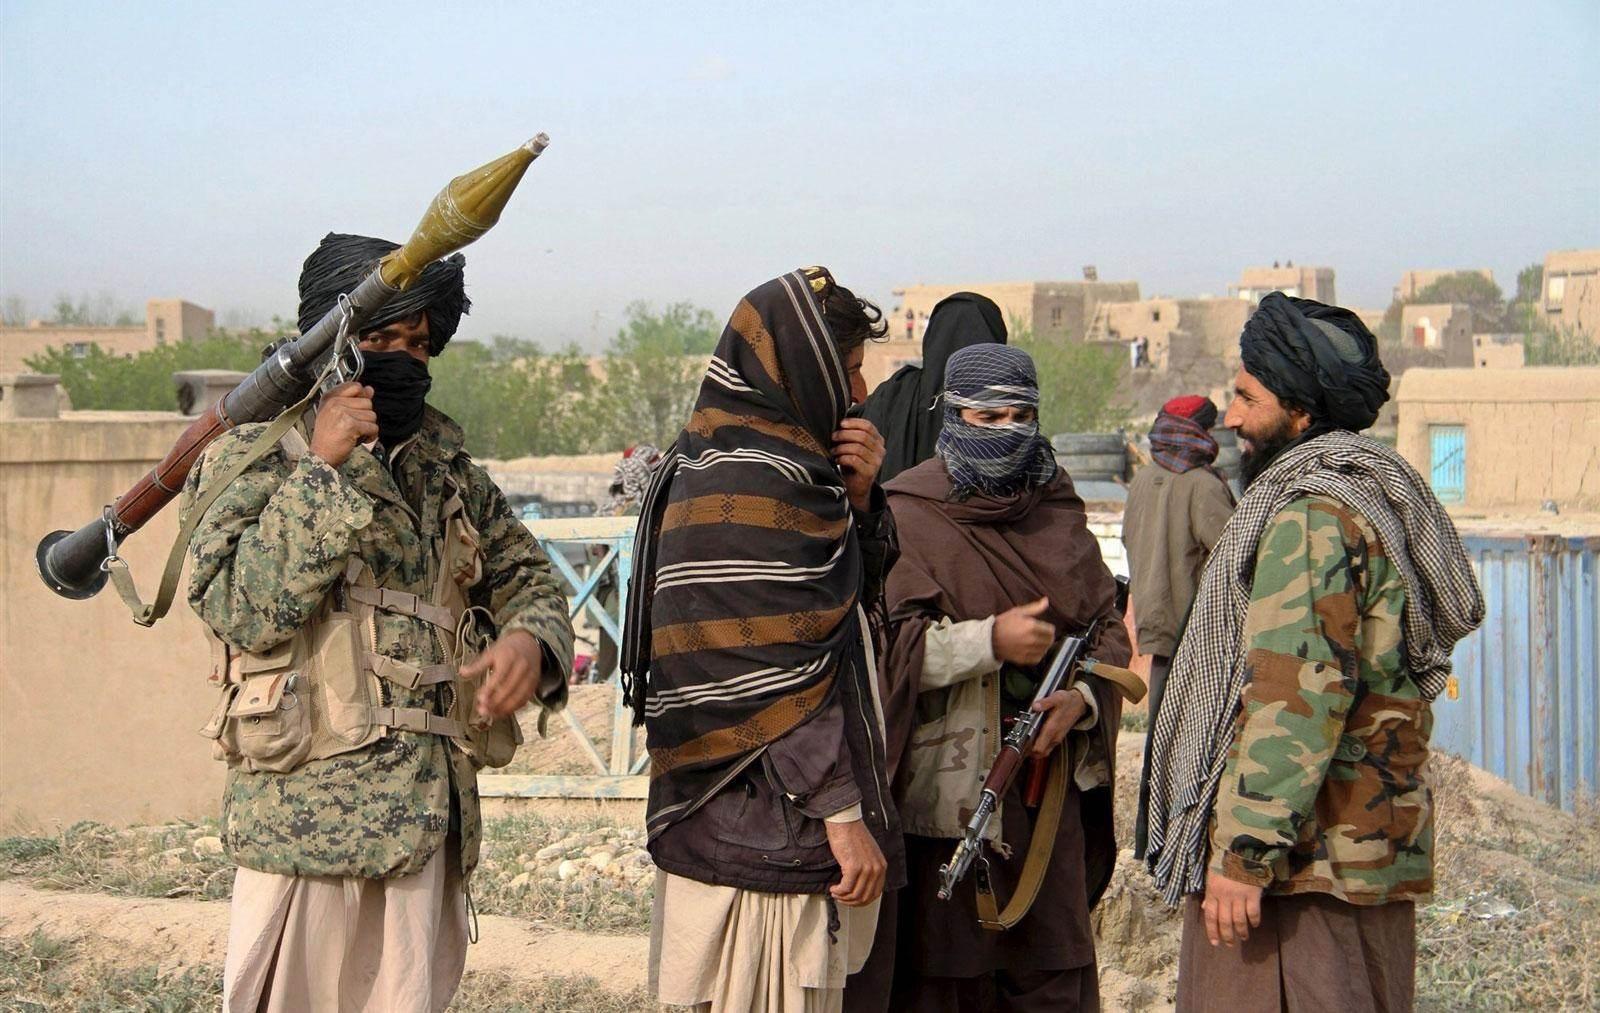 طالبان ترفض دعوة  الحكومة الأفغانية وقف إطلاق النار خلال رمضان